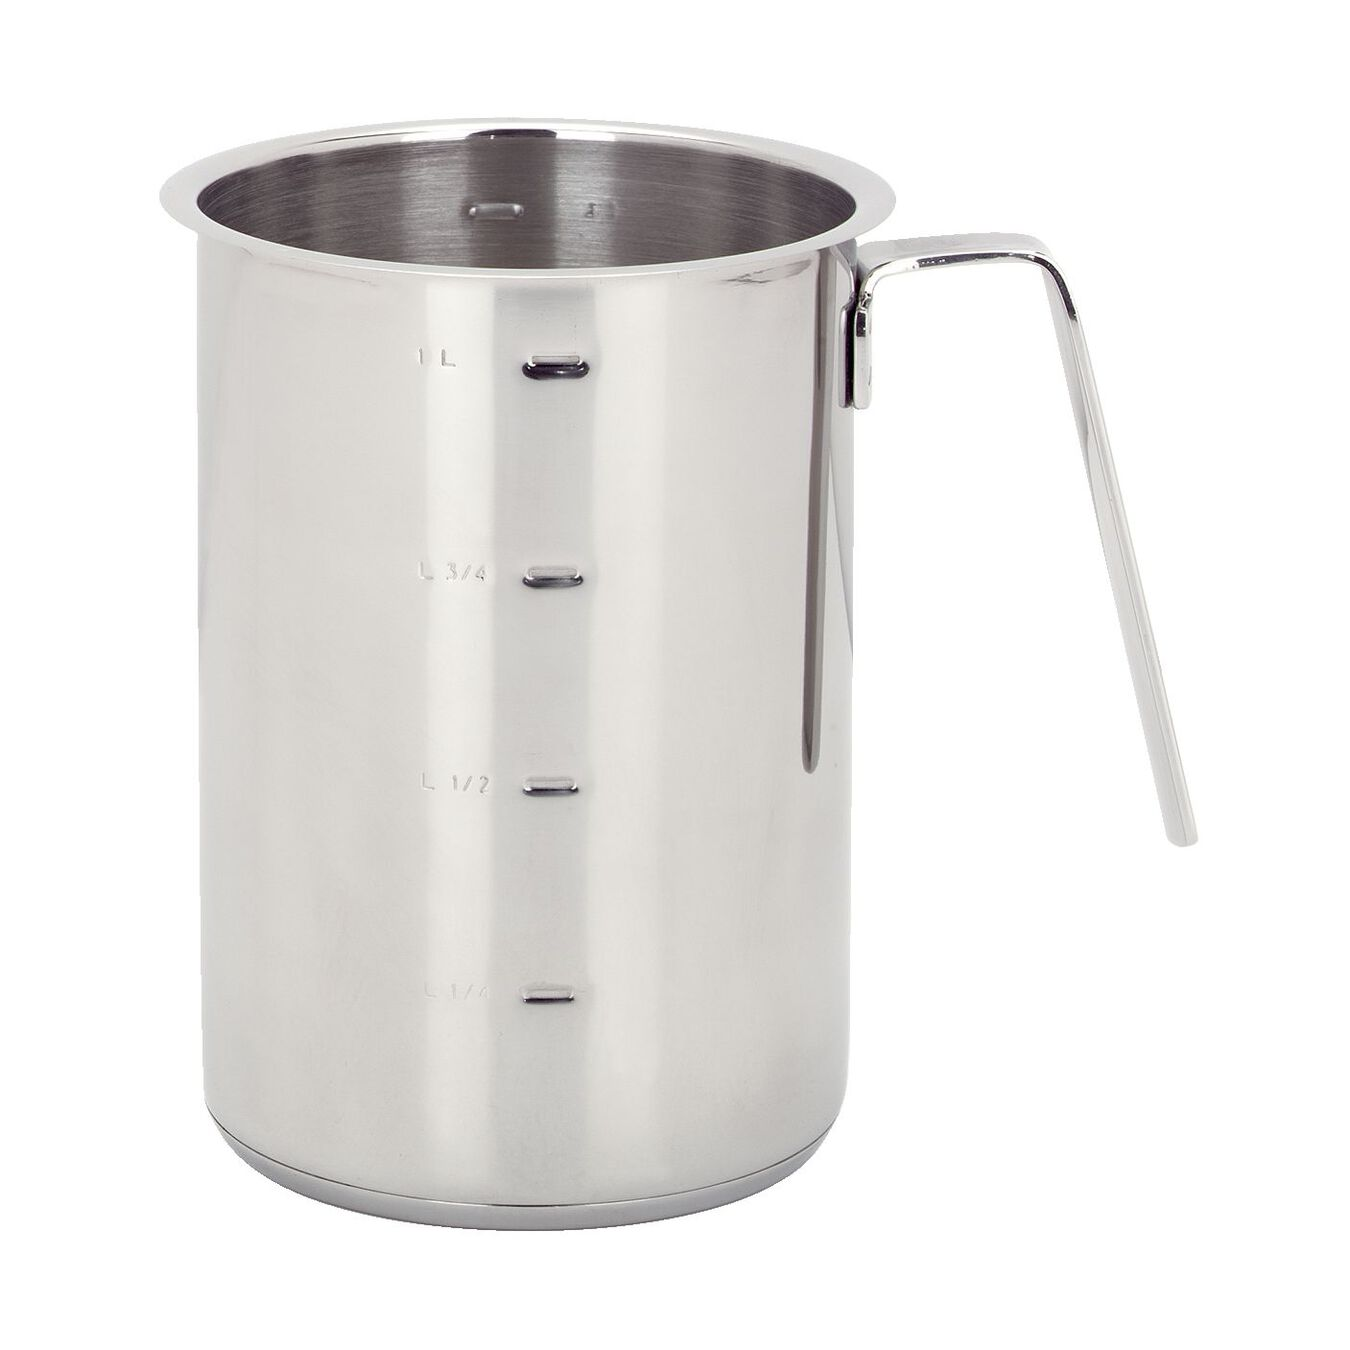 Pot à sauce,,large 1